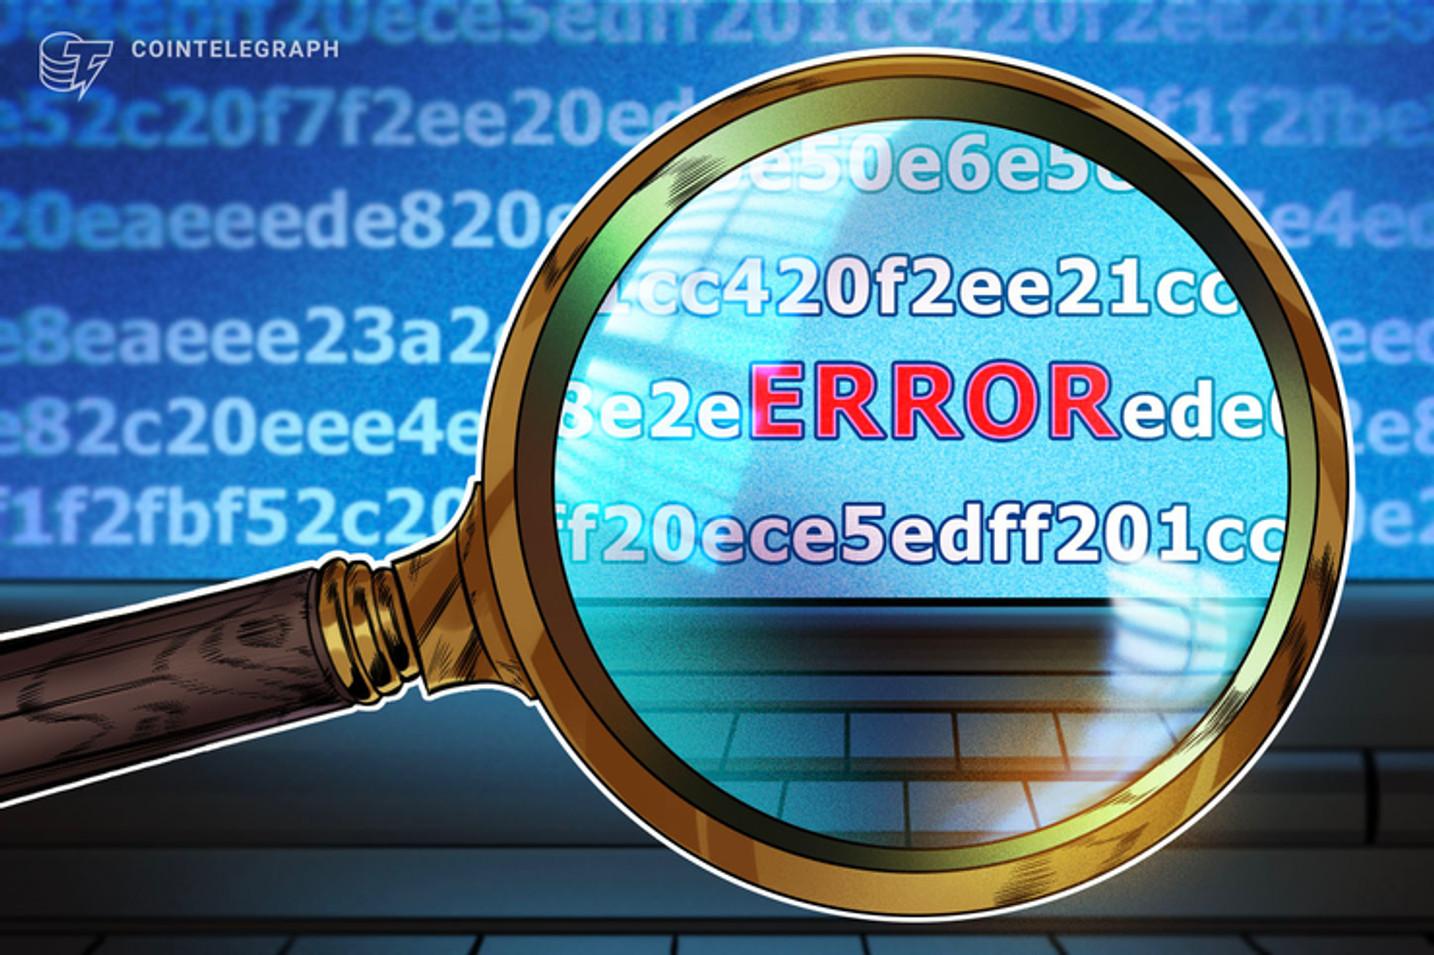 Los expertos afirman que las acusaciones sobre las vulnerabilidades de MakerDao son sustanciales